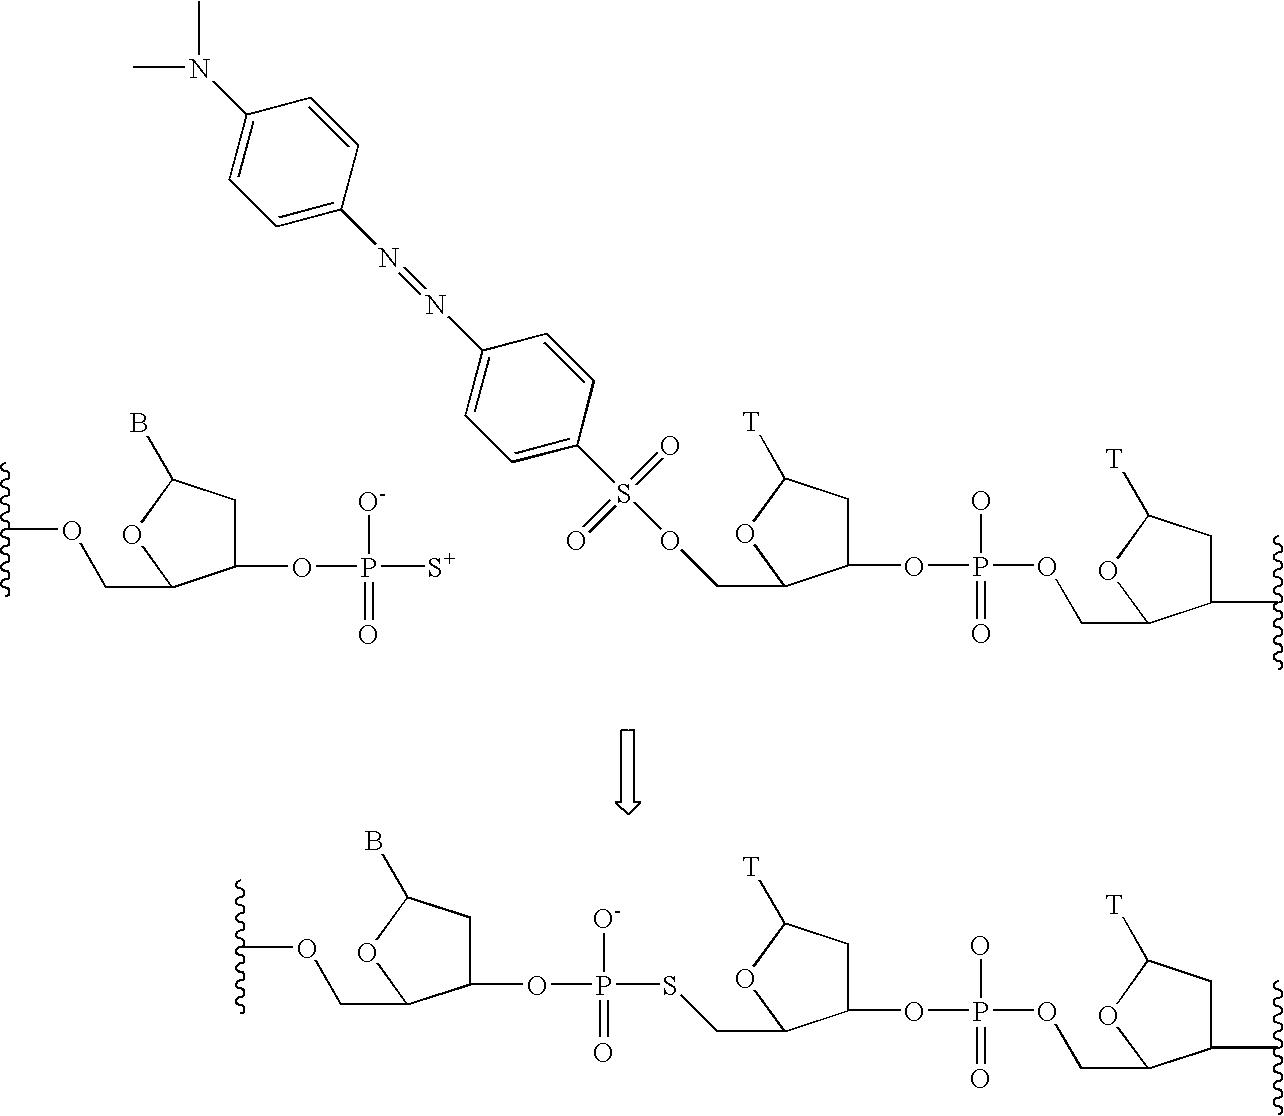 Figure US20100267585A1-20101021-C00001